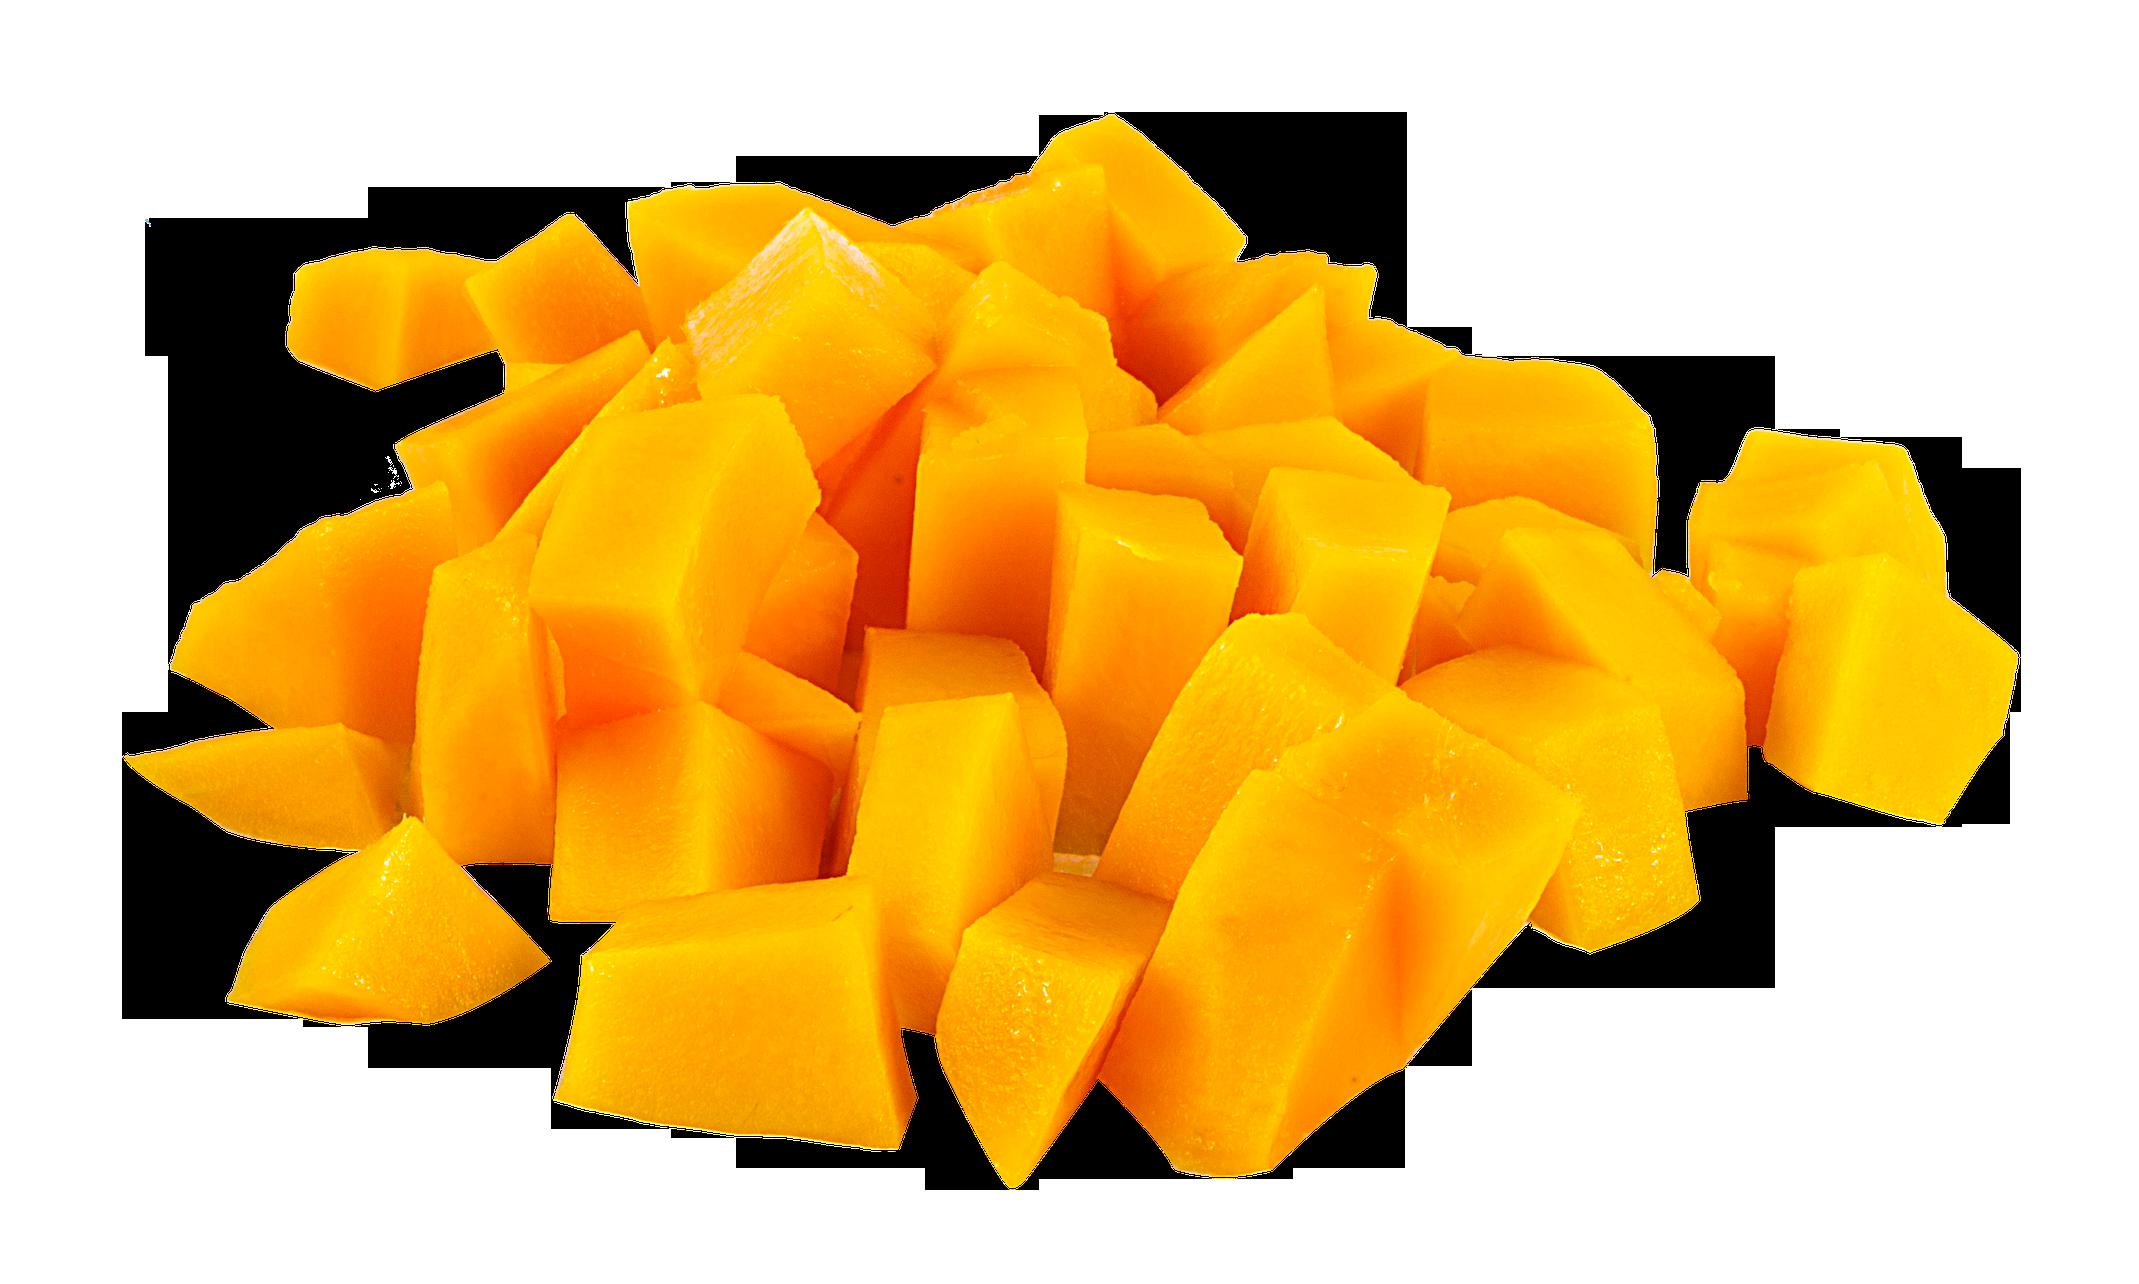 Mango Slice Png Image Mango Slice Clip Art